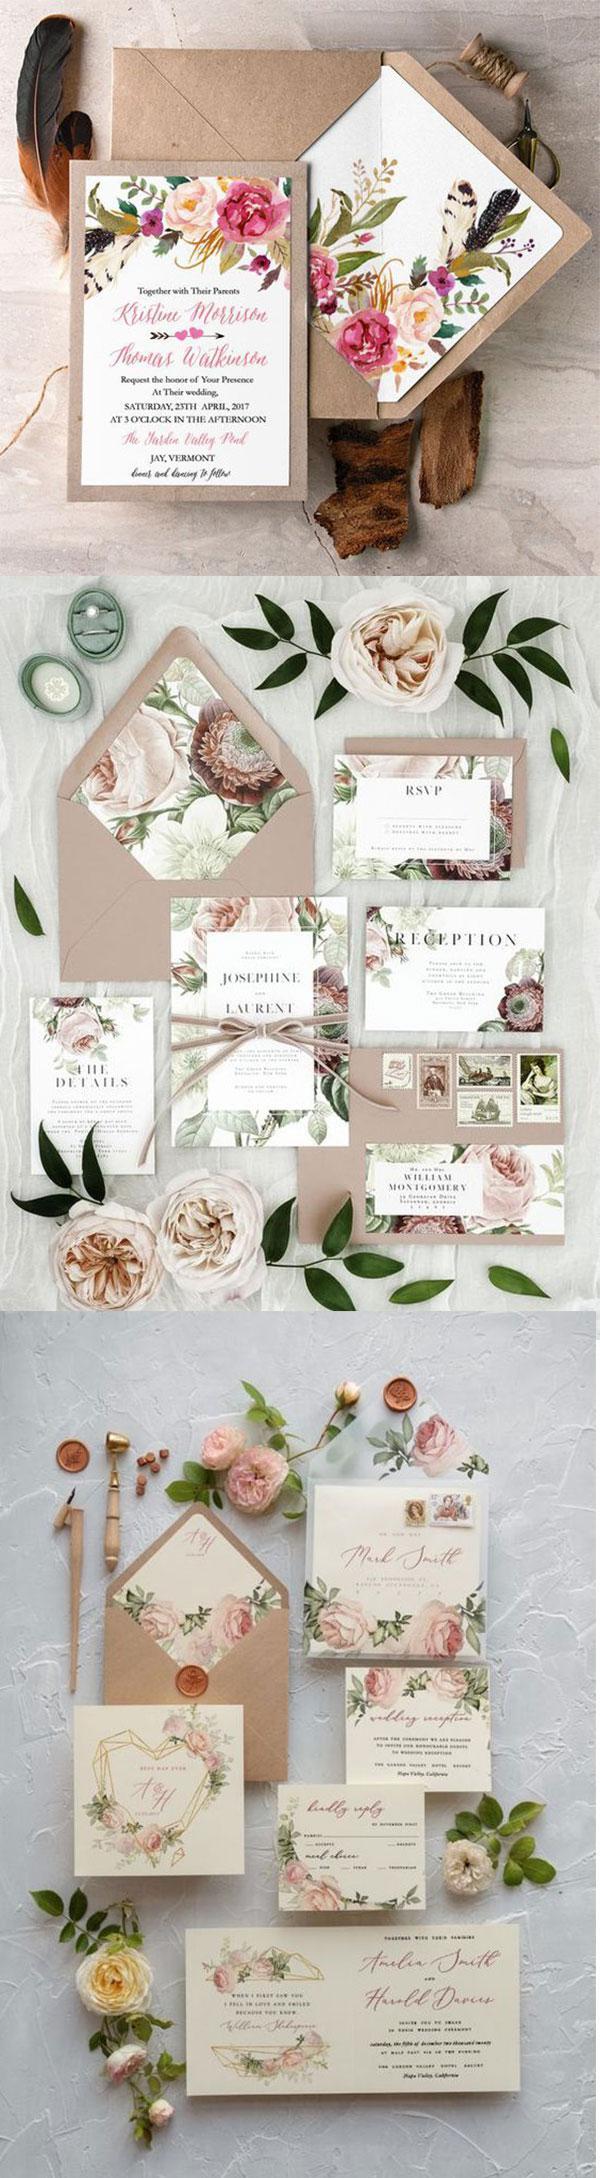 Thiệp mời kraft hình hoa siêu đẹp